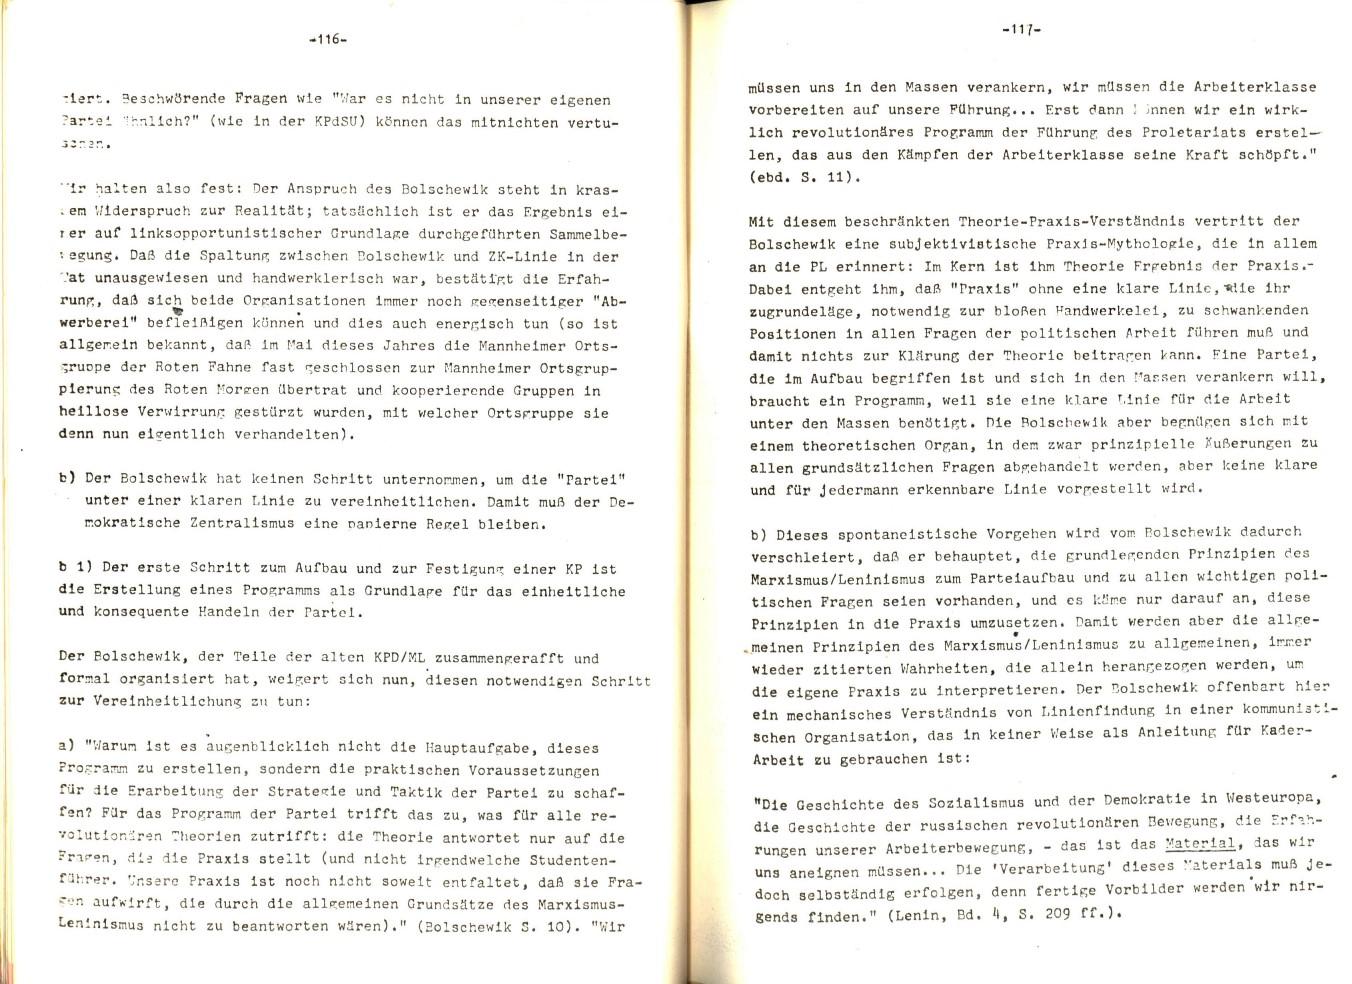 PLPI_1971_Aufloesung_61